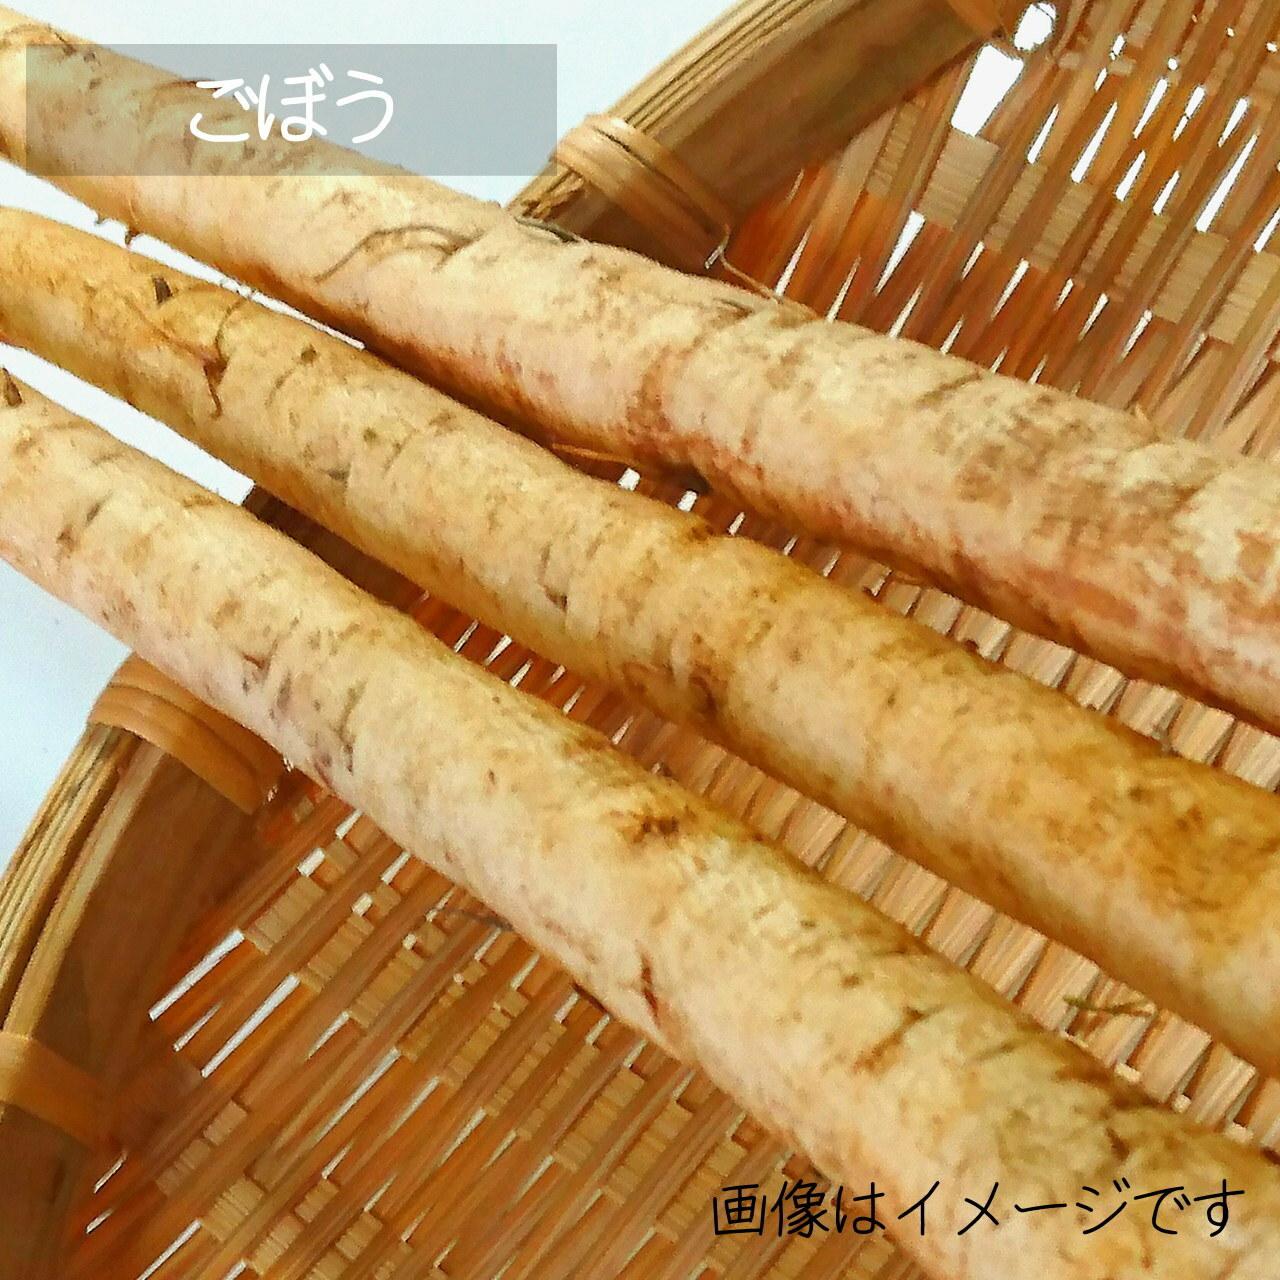 11月の朝採り直売野菜 : ゴボウ 1~3本 新鮮な冬野菜 11月23日発送予定